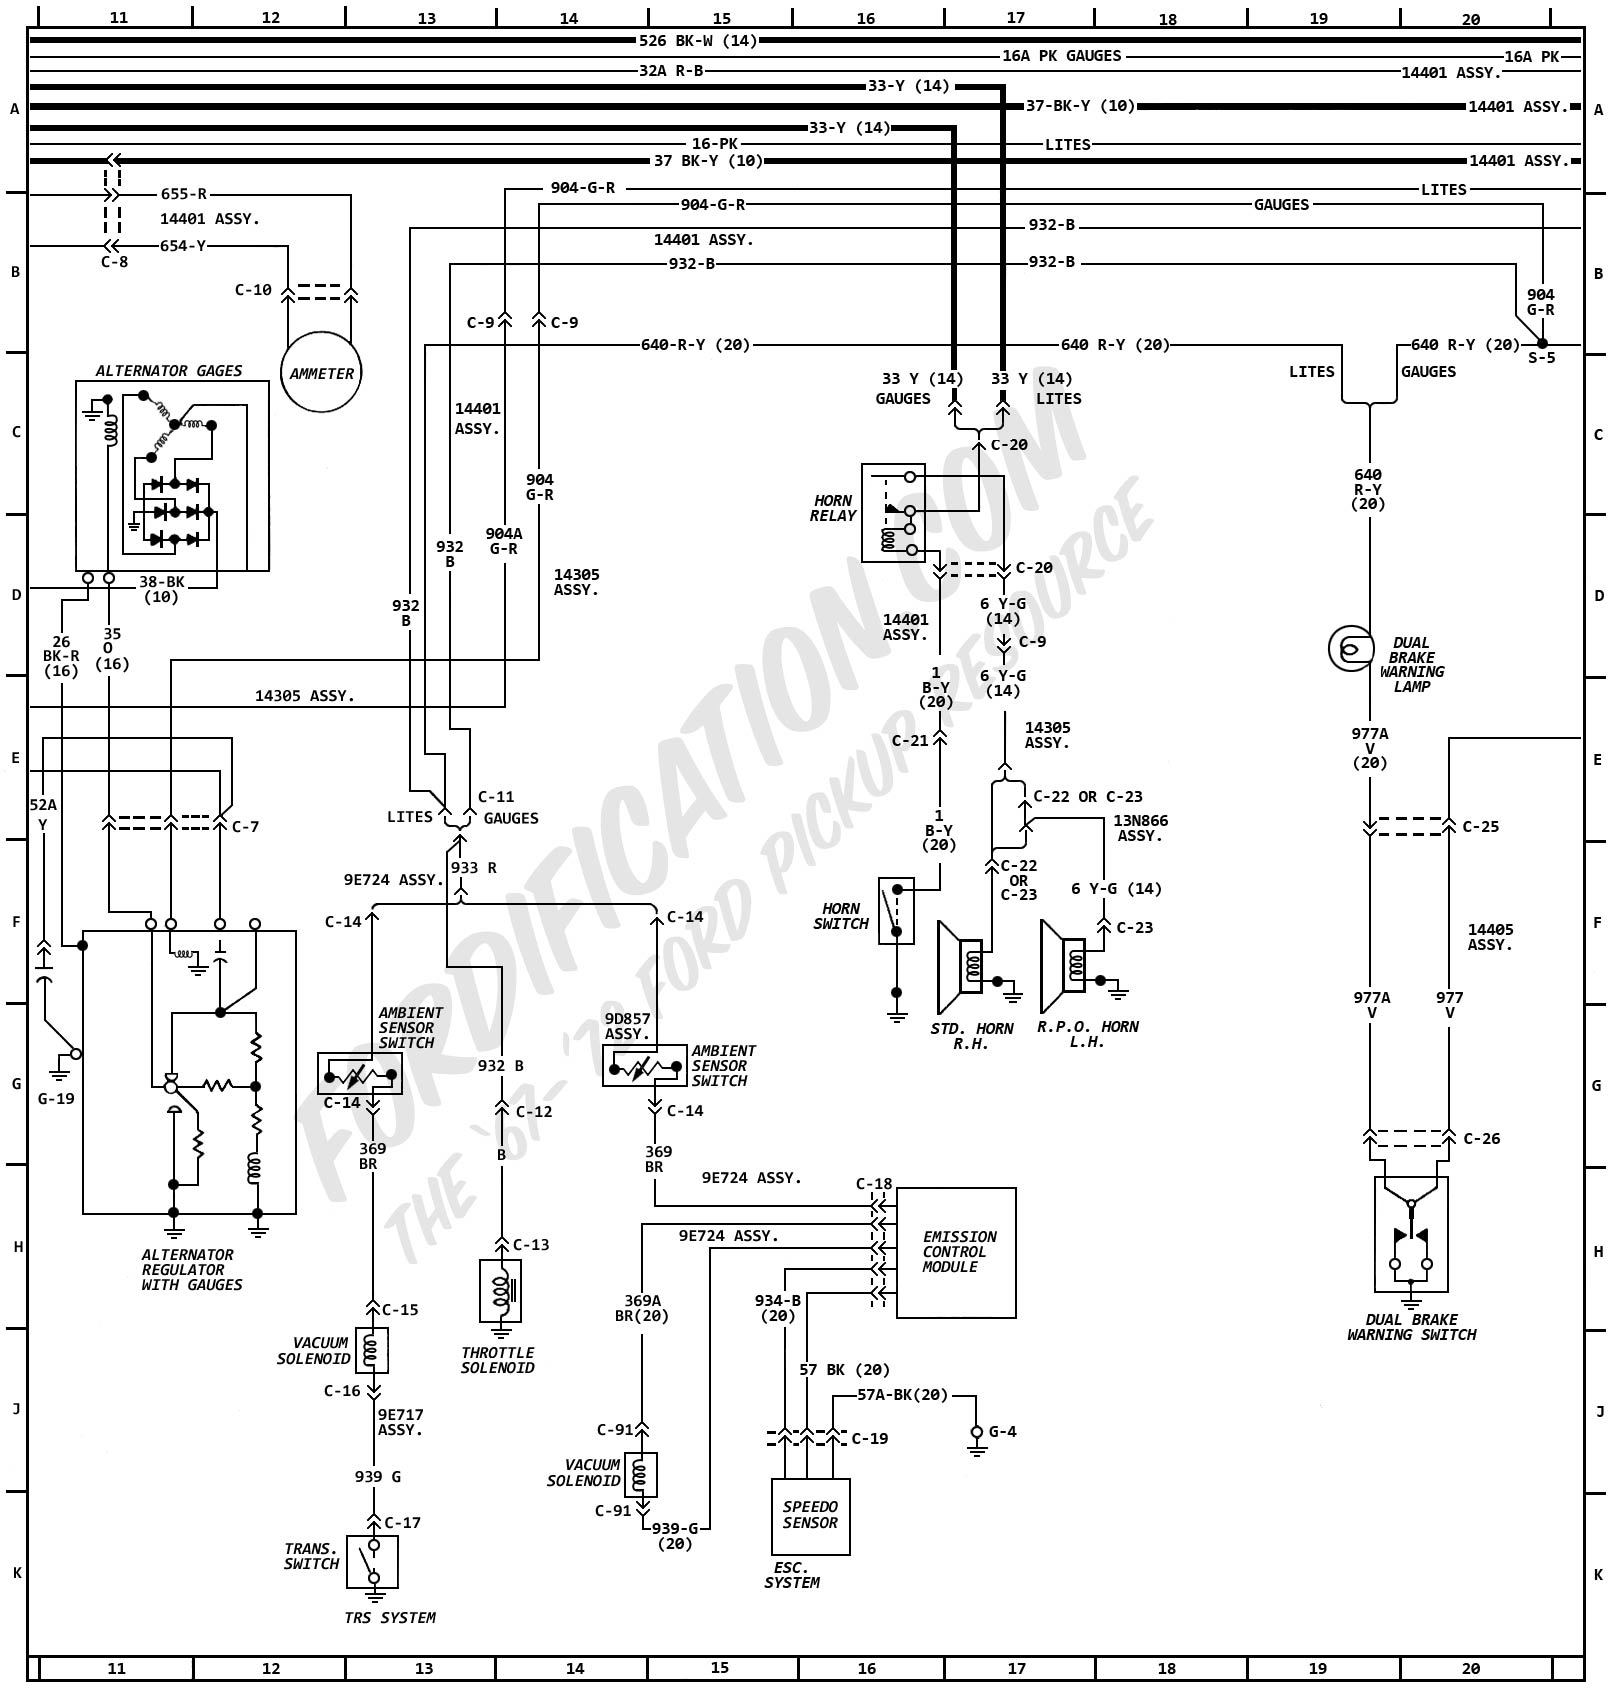 ford l8000 lighting diagram vb 8520  chevy silverado wiring diagram also 1996 ford l8000  vb 8520  chevy silverado wiring diagram